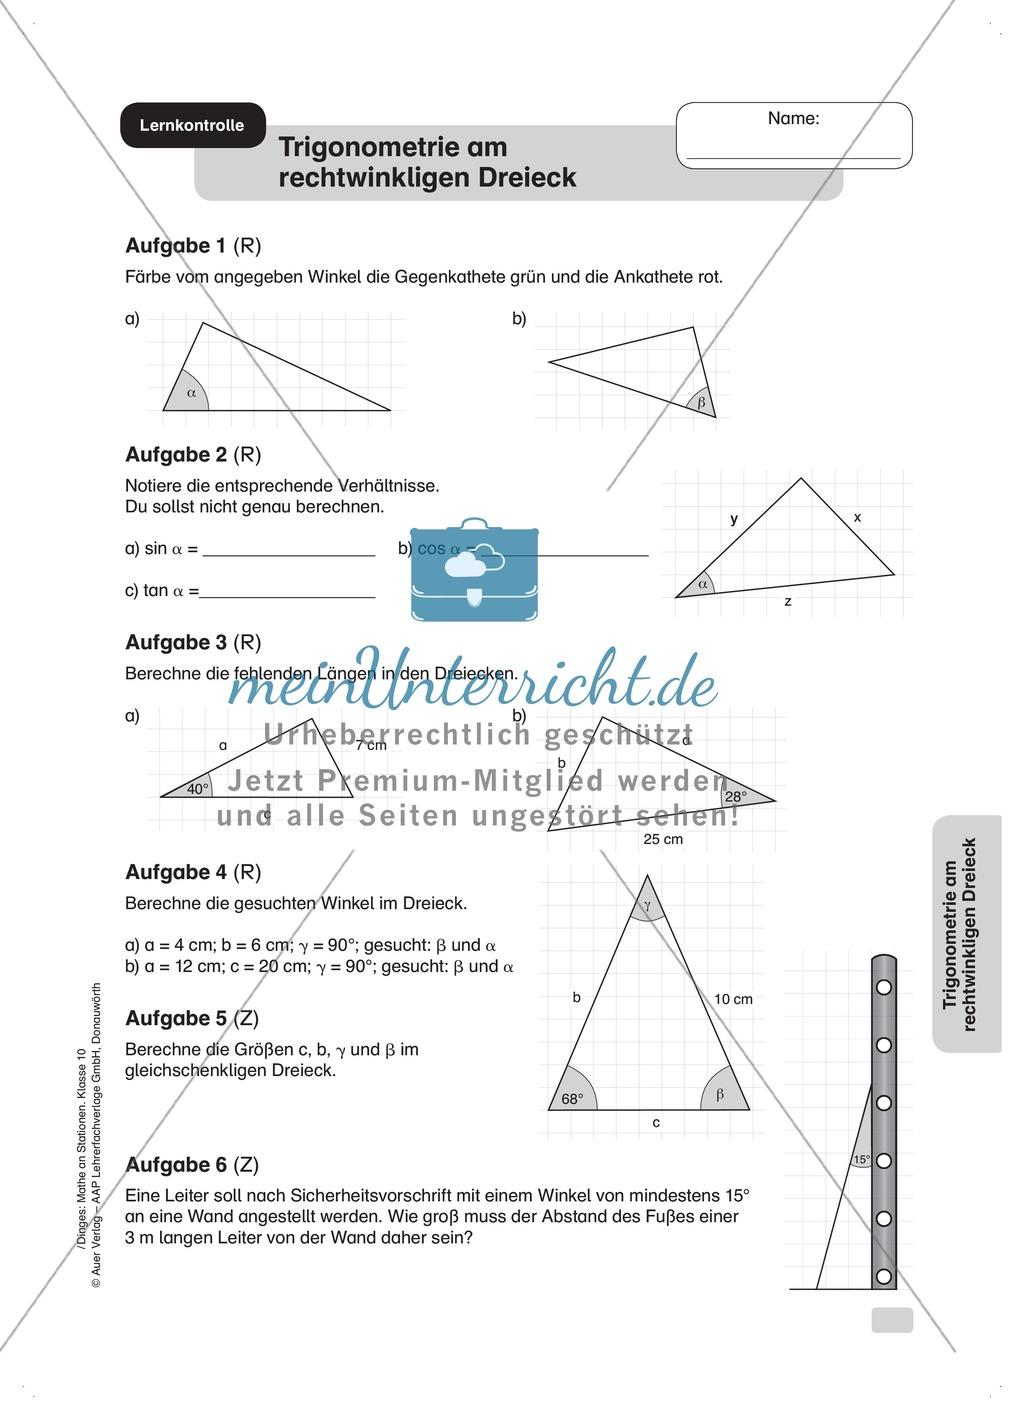 Stationenlernen: Trigonometrie - meinUnterricht